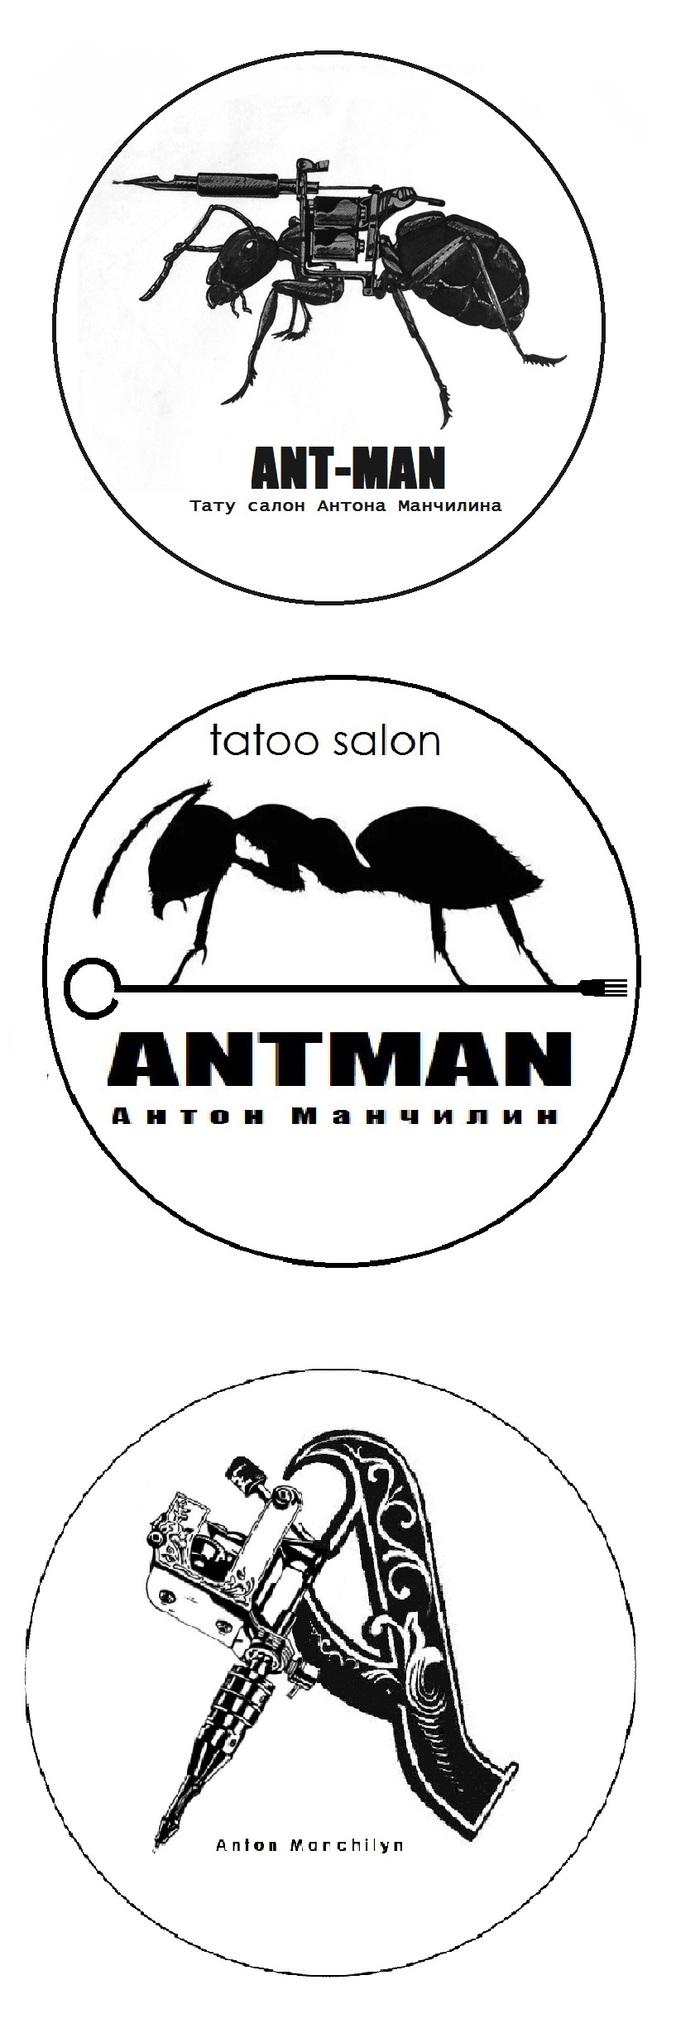 Попросили нарисовать логотип тату салона. Как вам идея? Рисунок, Логотип, Тату салон, Человек-Муравей, Муравей тату-машинка, Тату-Машинка, Длиннопост